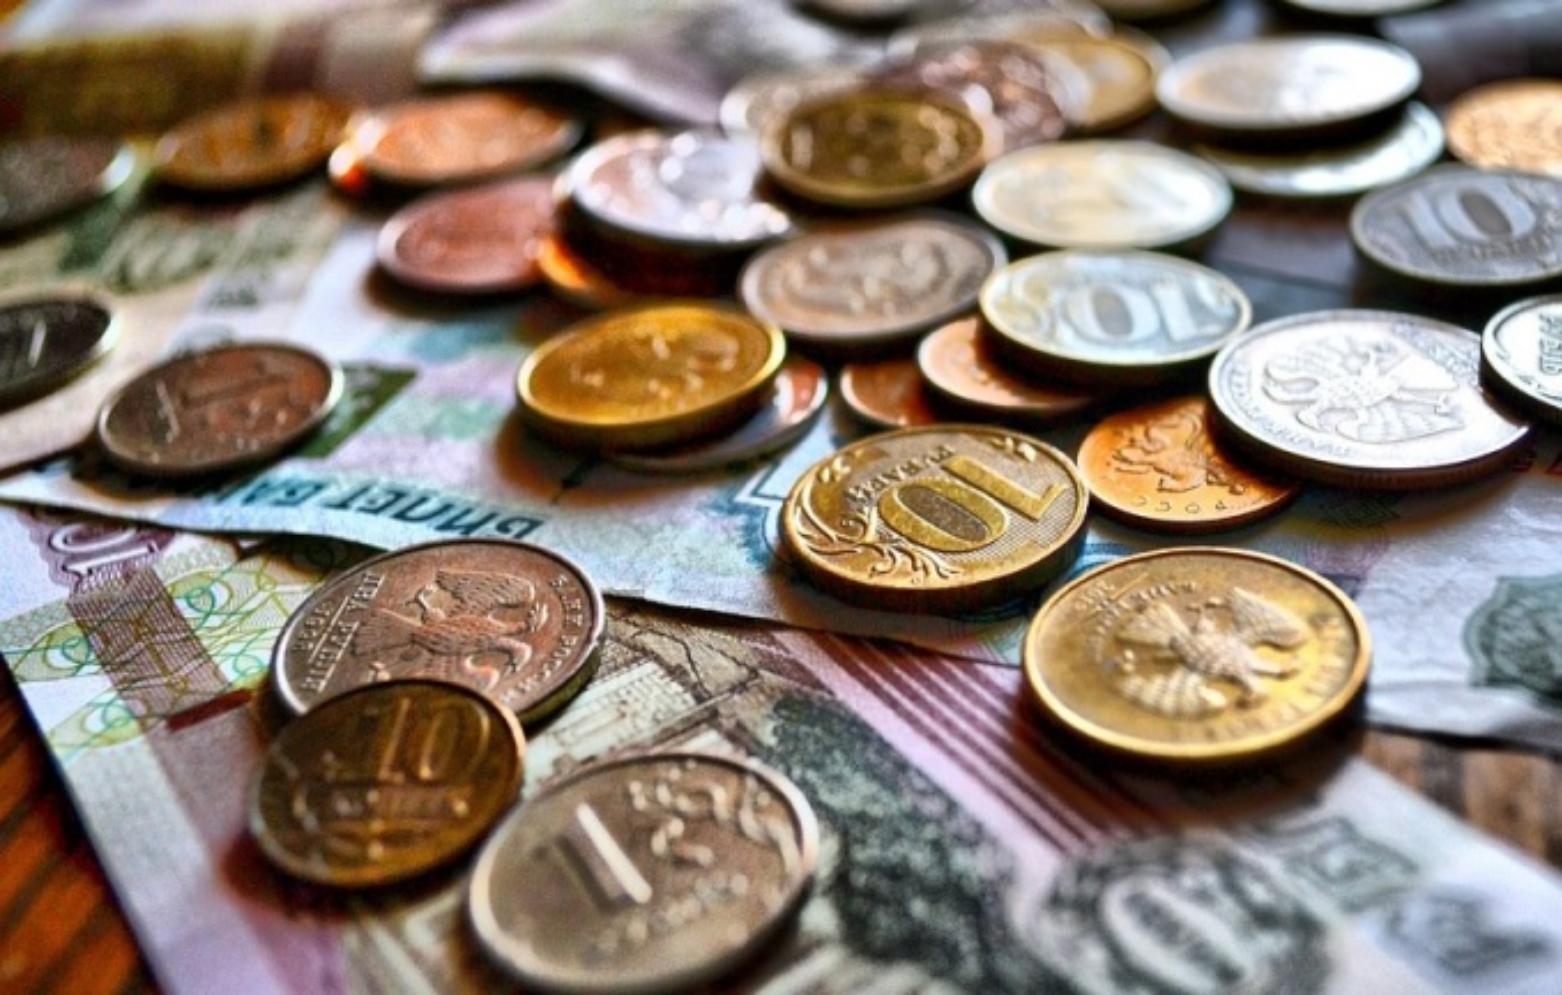 Доплата к пенсии: в Госдуме пояснили порядок и механизм начисления - новости Афанасий